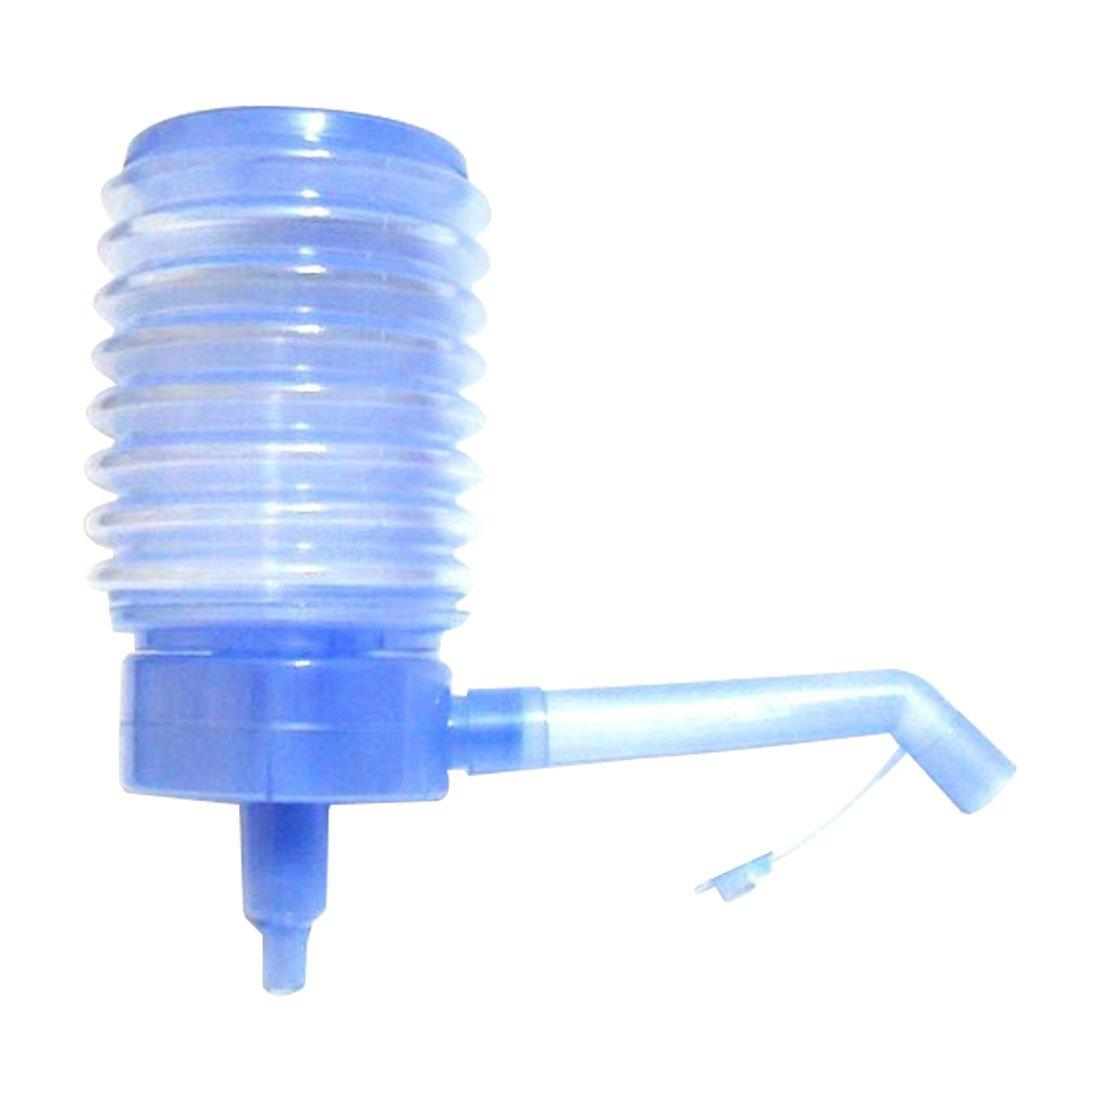 Luwu-Store pratique en bouteille de l'eau potable par pression de la main Pompe manuelle Distributeur Bleu